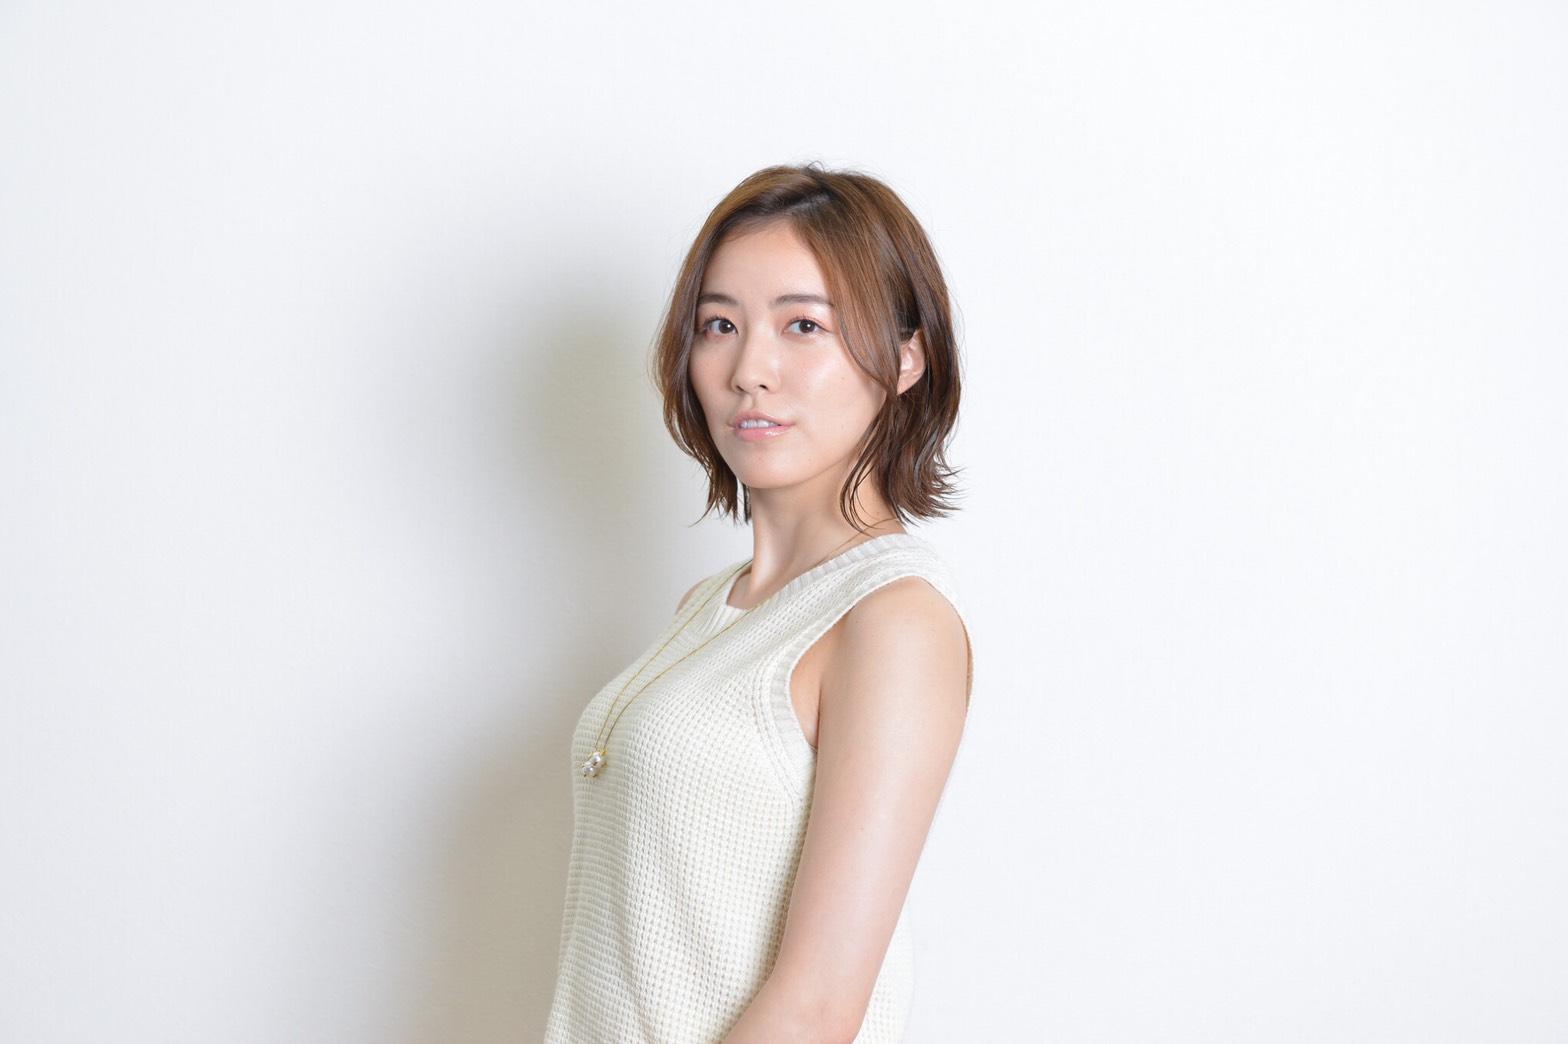 「人生は一度きりだから」松井珠理奈が2度の休養を経たからこそ得たもの画像111168